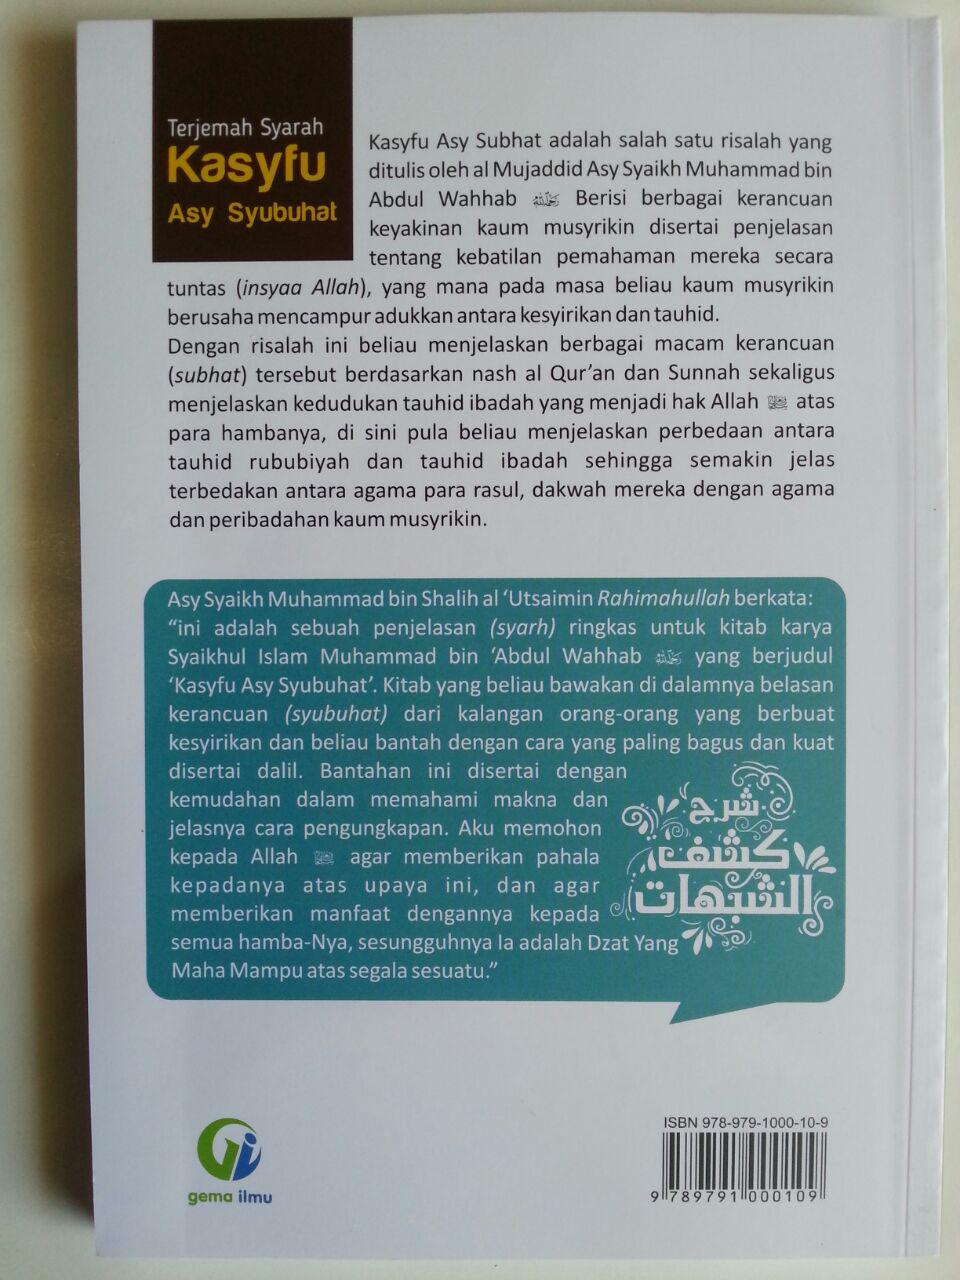 Buku Terjemah Syarah Kasyfu Asy Syubuhat Kerancuan Aqidah cover